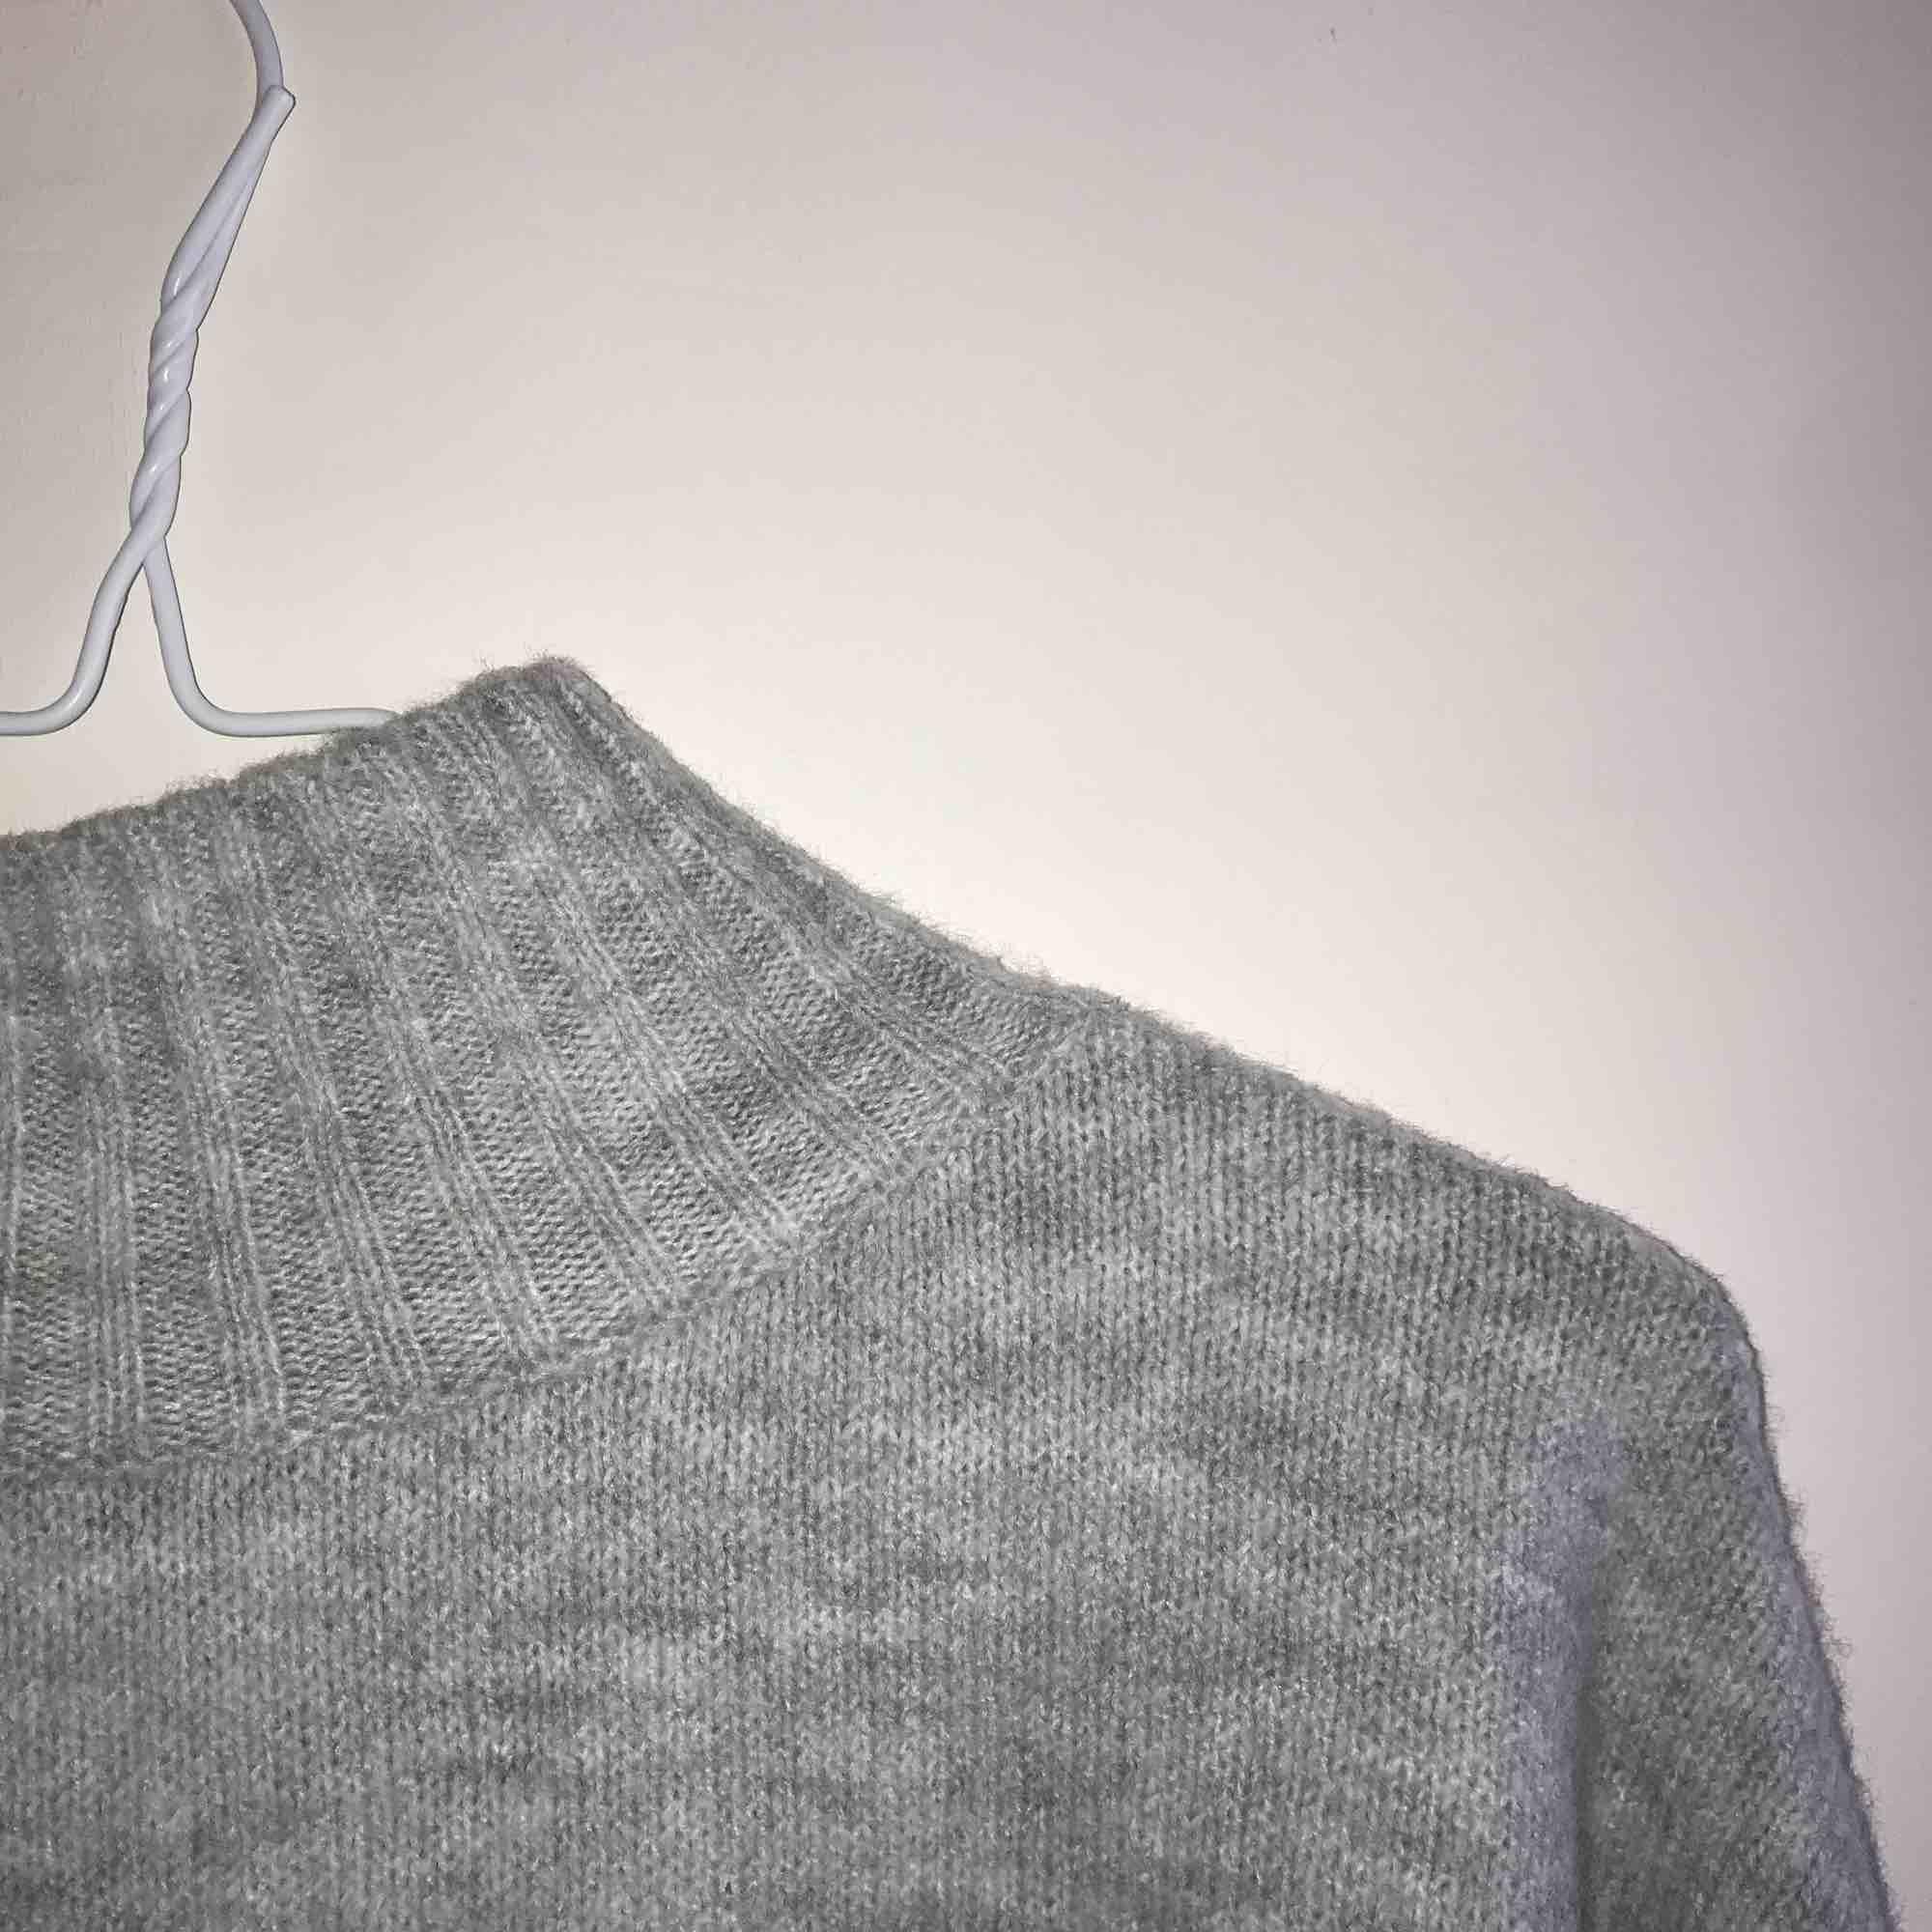 Jättemjuk stickad tröja som är ganska stor i storleken, passar bättre för S/M. Nypris 300kr. Du står för frakten. Tröjor & Koftor.